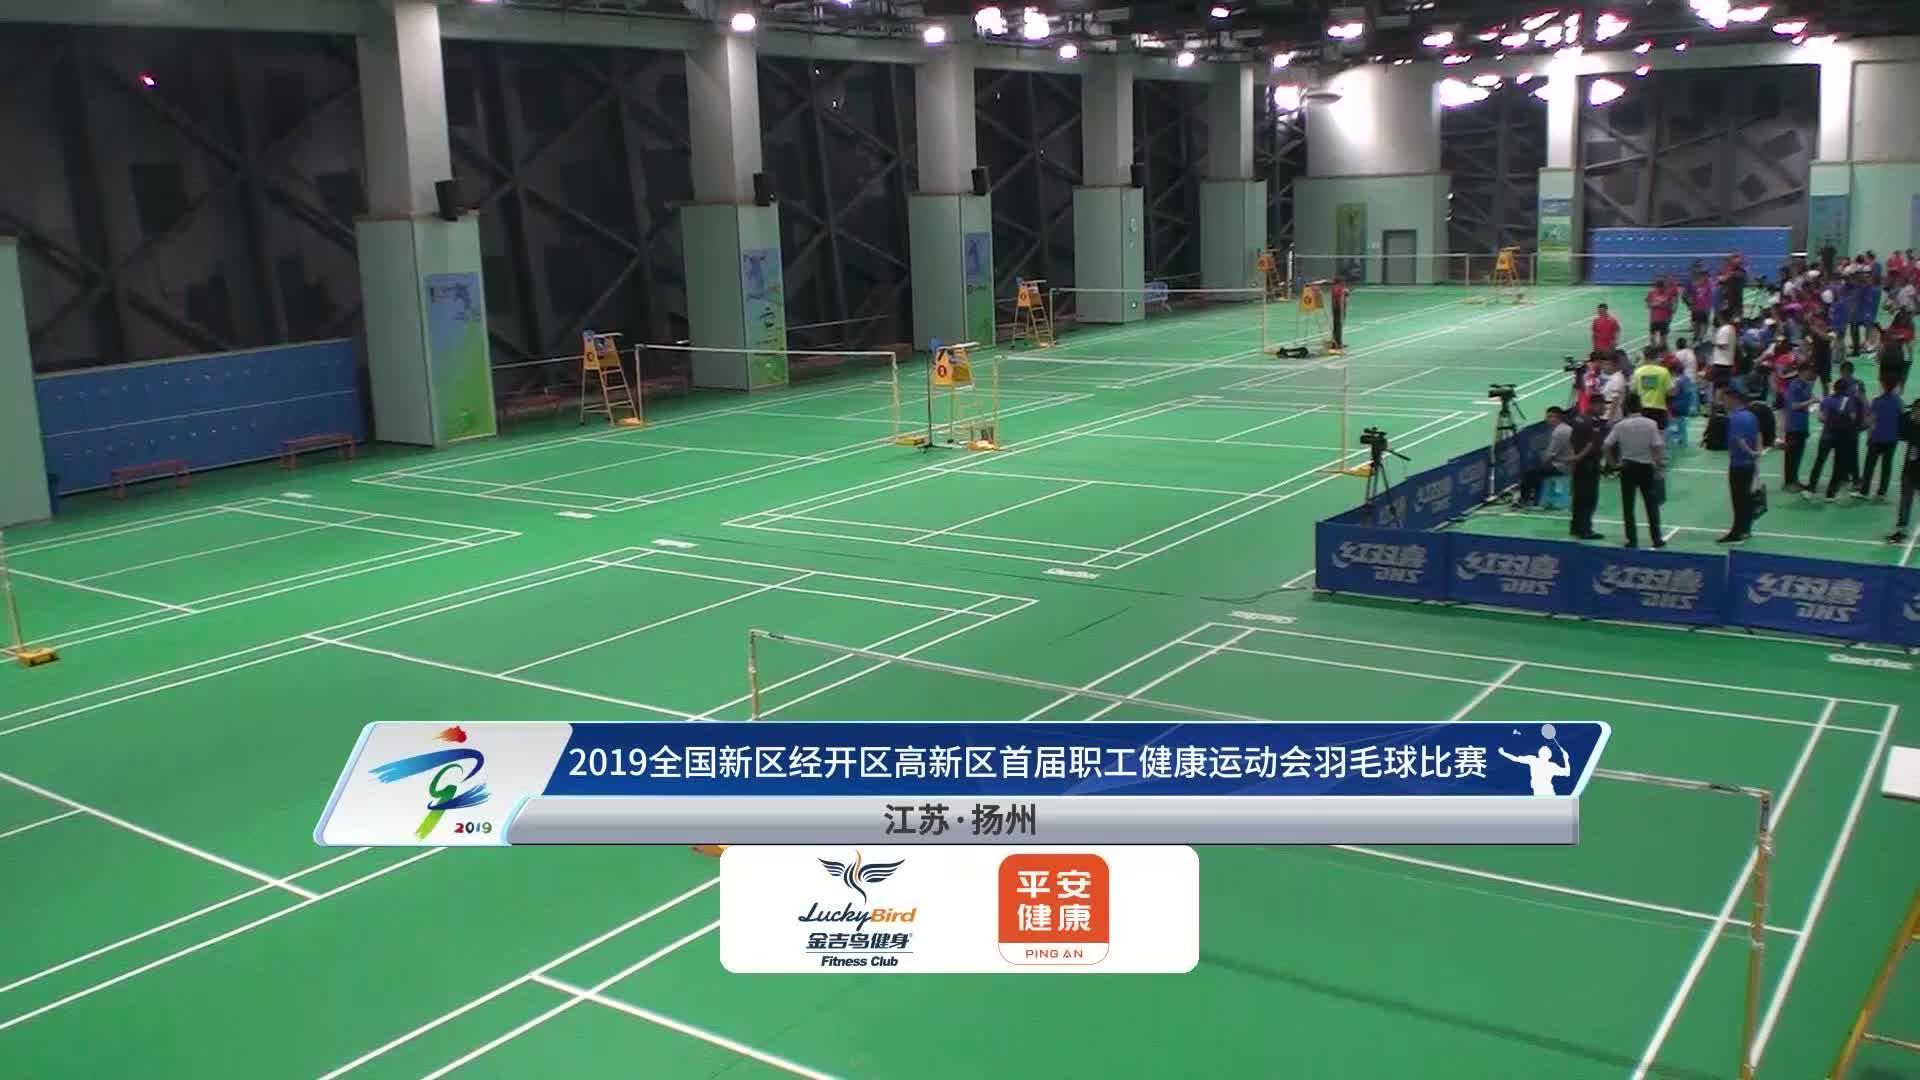 全国新区经开区高新区首届职工健康运动会羽毛球比赛2